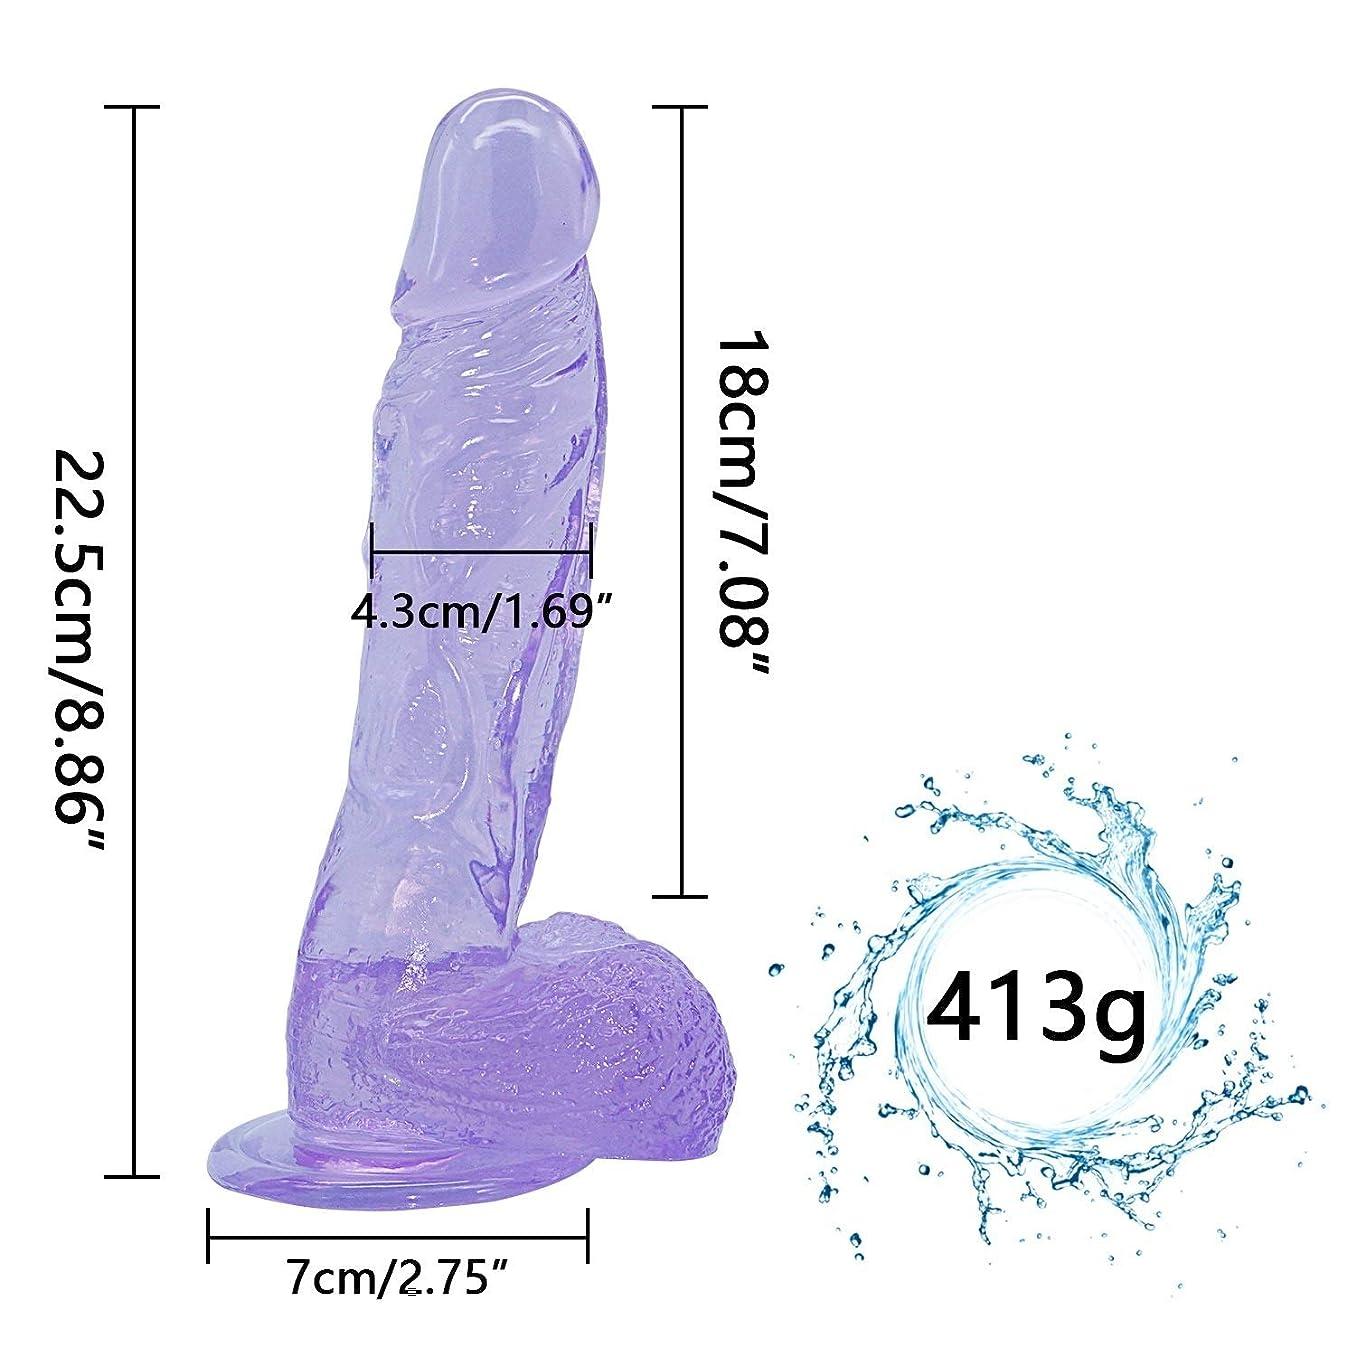 発動機告白する親愛なChenXiDian 巨大な洞8.86インチのリアルなマッサージャー強力なサクションカップボディマッサージを備えた巨大なマッサージャー-機密配送-慎重な配送-出会いは秘密です 本当の感触